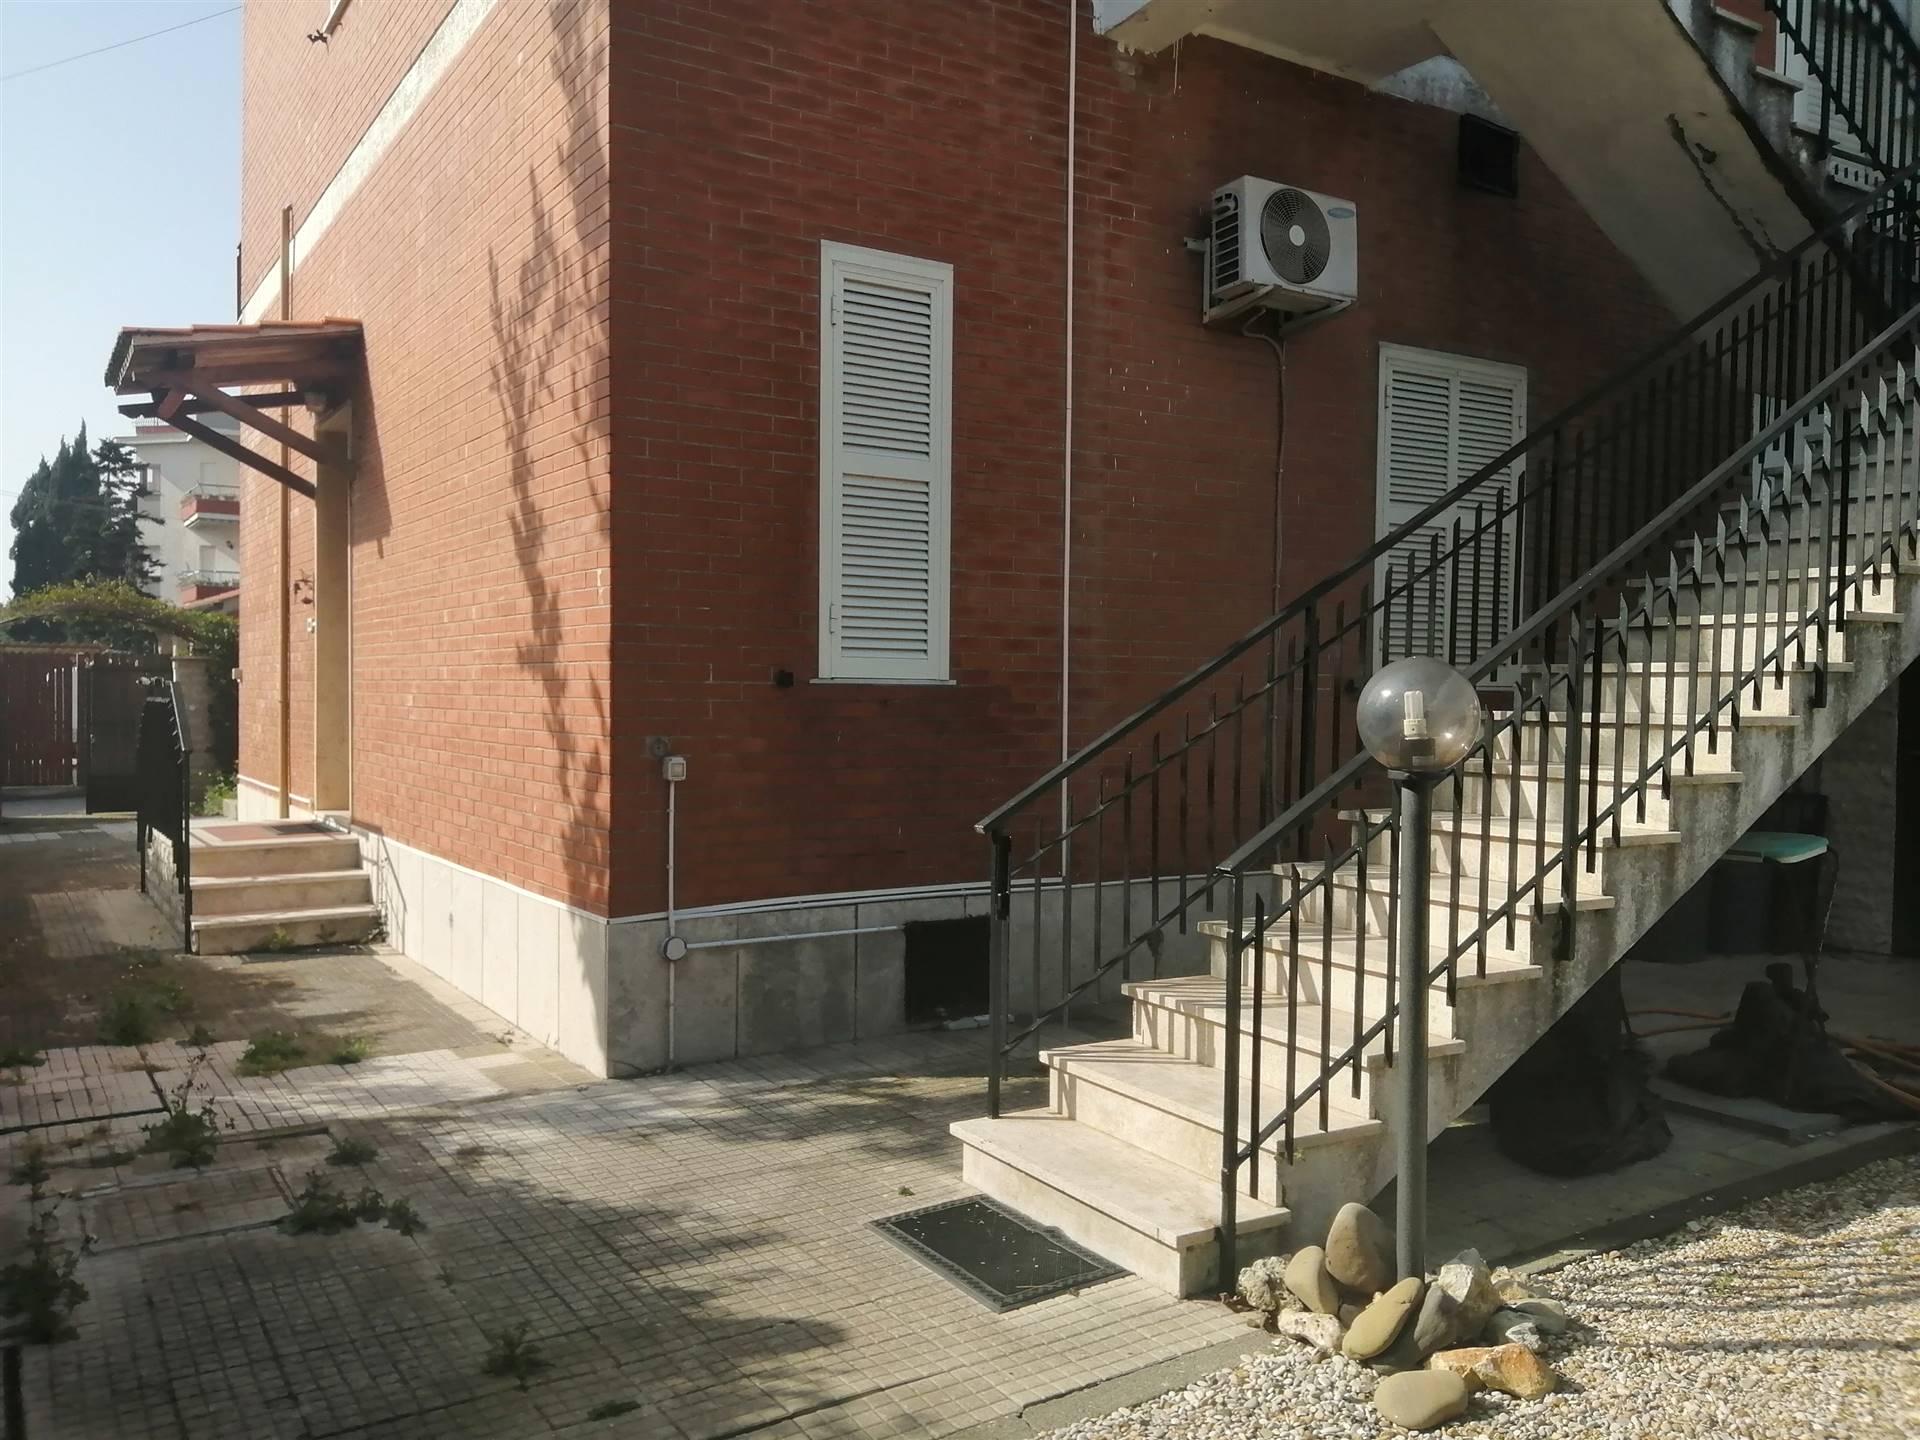 Proponiamo in vendita, a Santa Marinella e più precisamente in via Augusta, zona molto tranquilla e ben servita, due appartamenti di 55 metri quadrati l'uno. Al piano rialzato l'immobile è composto